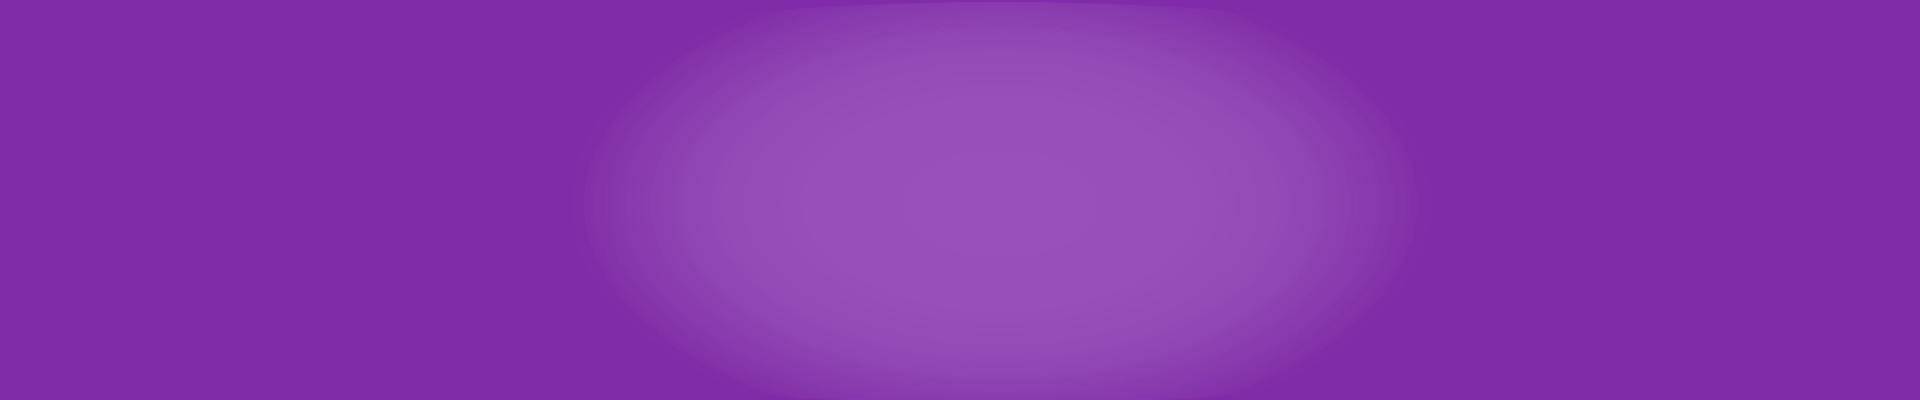 fond-violet1